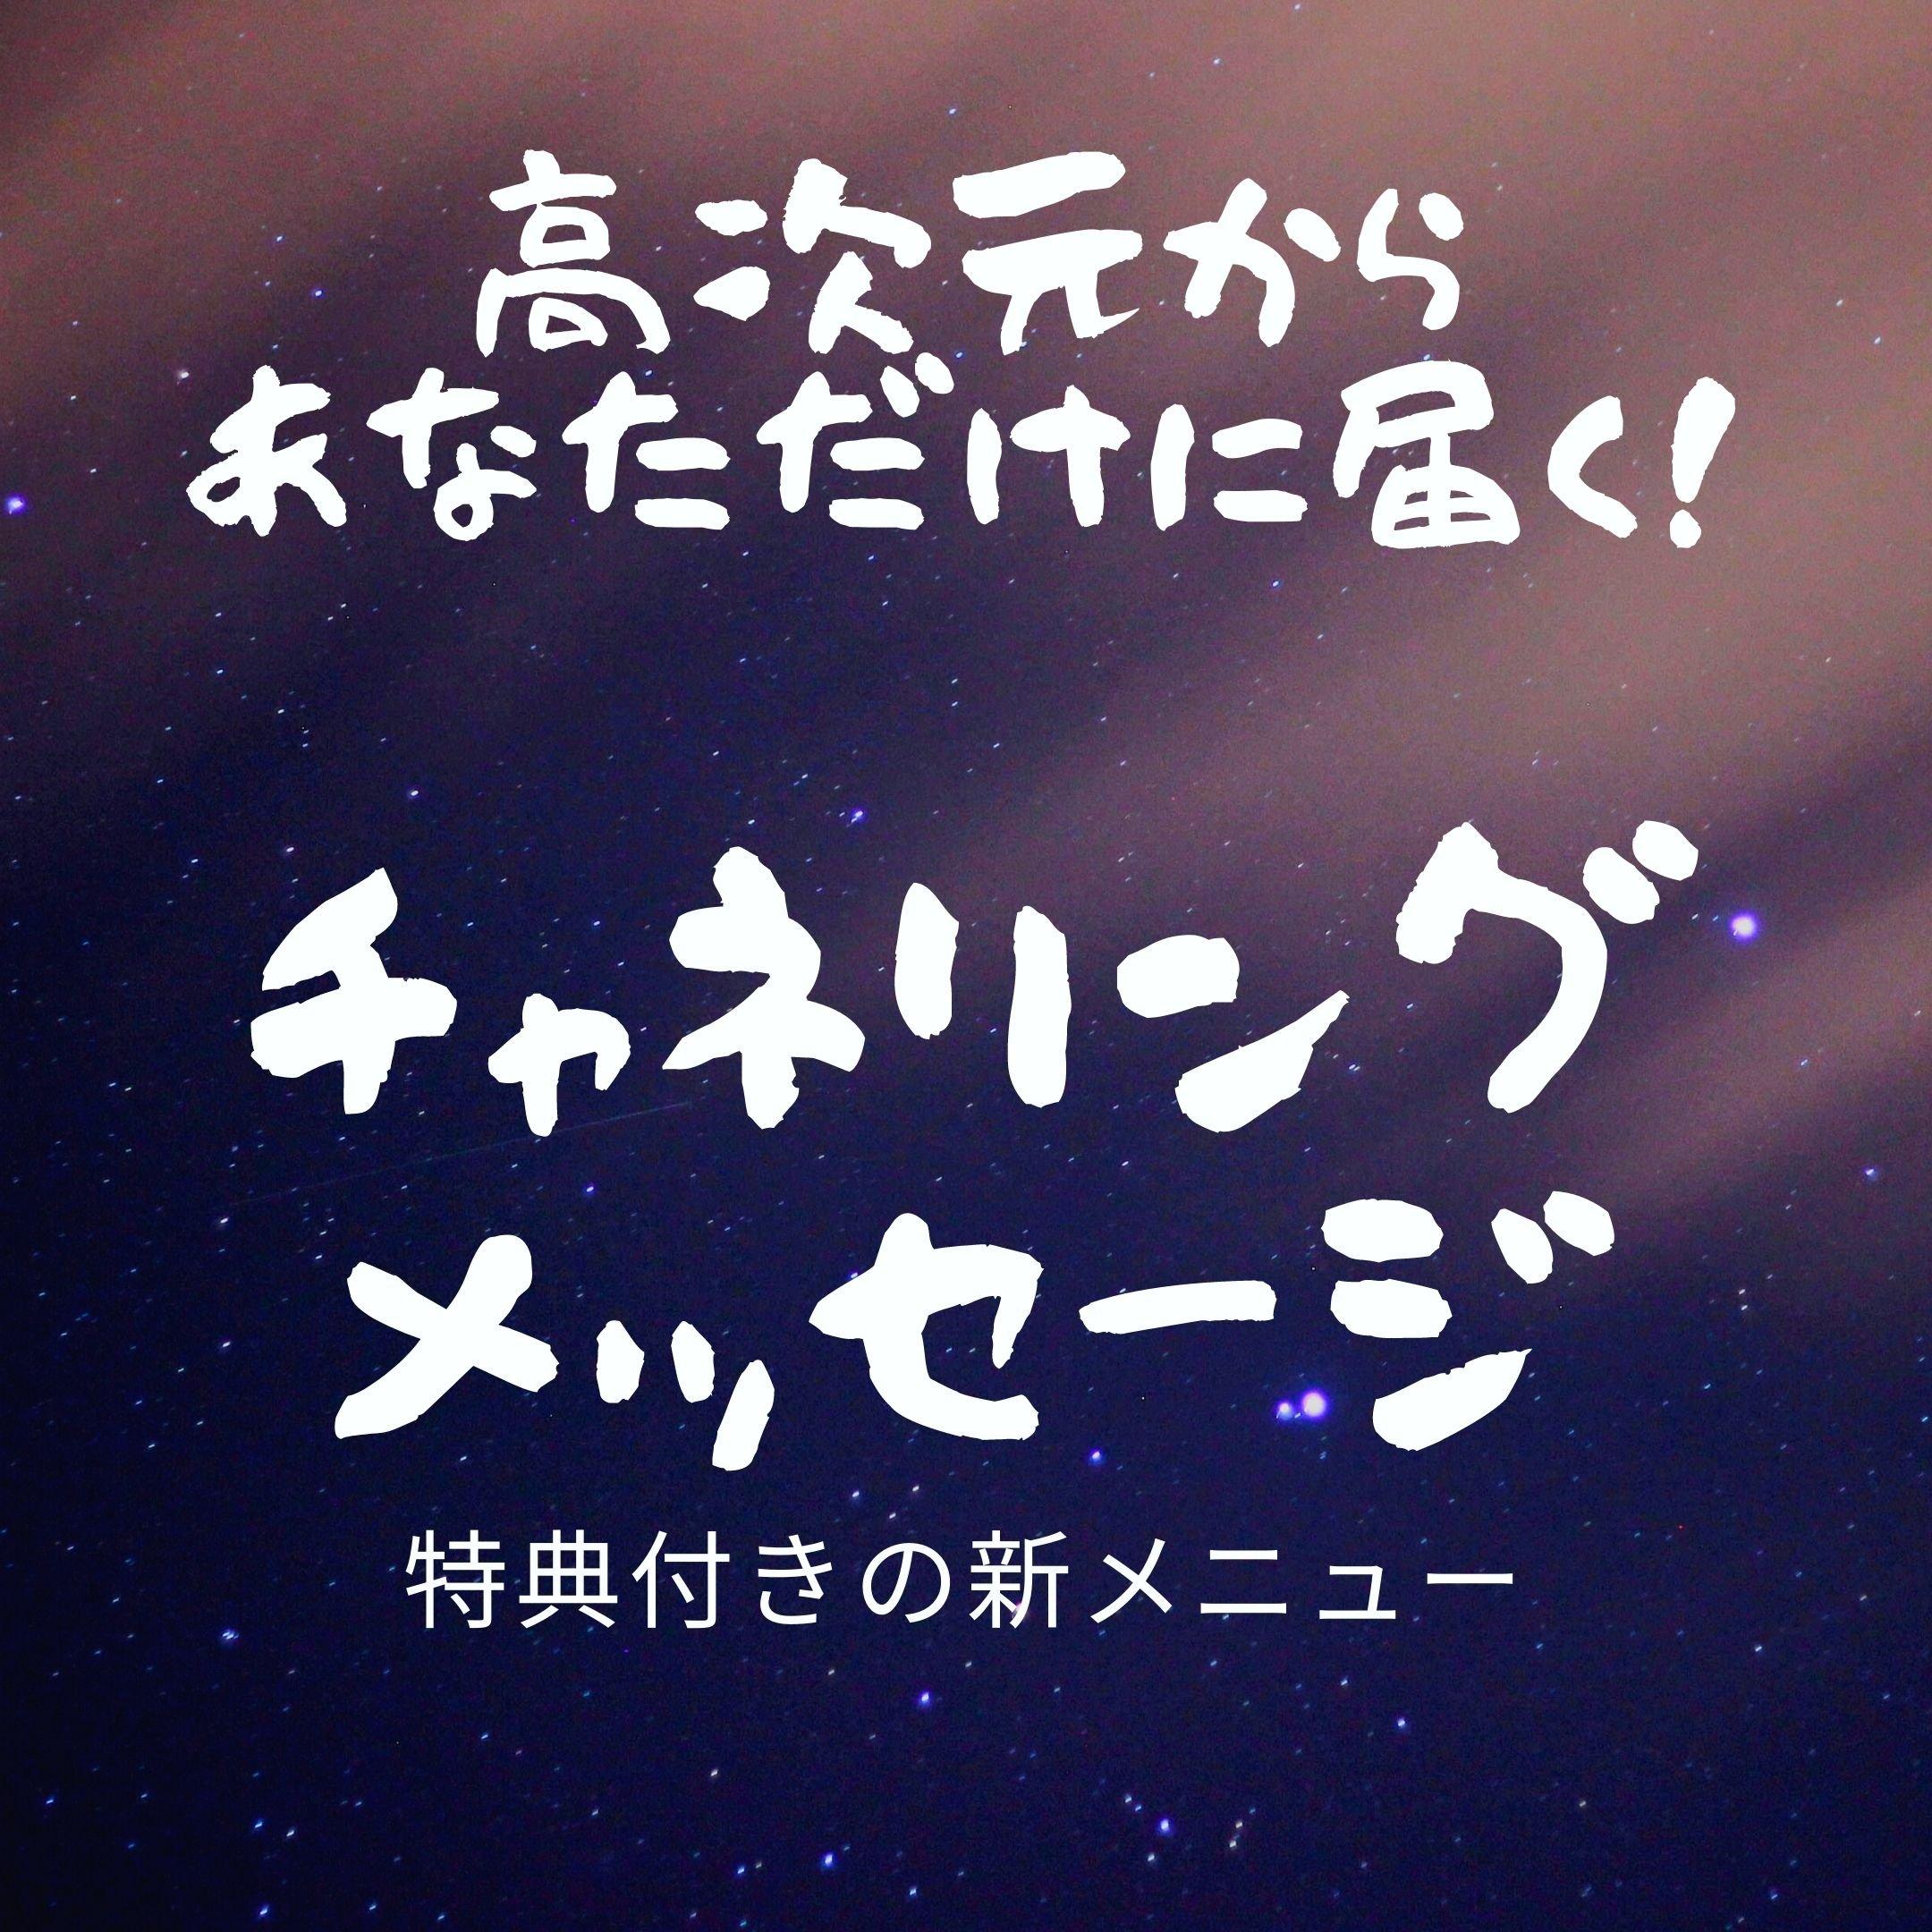 【コースB】〜高次元からあなただけに届く〜チャネリングメッセージのイメージその1